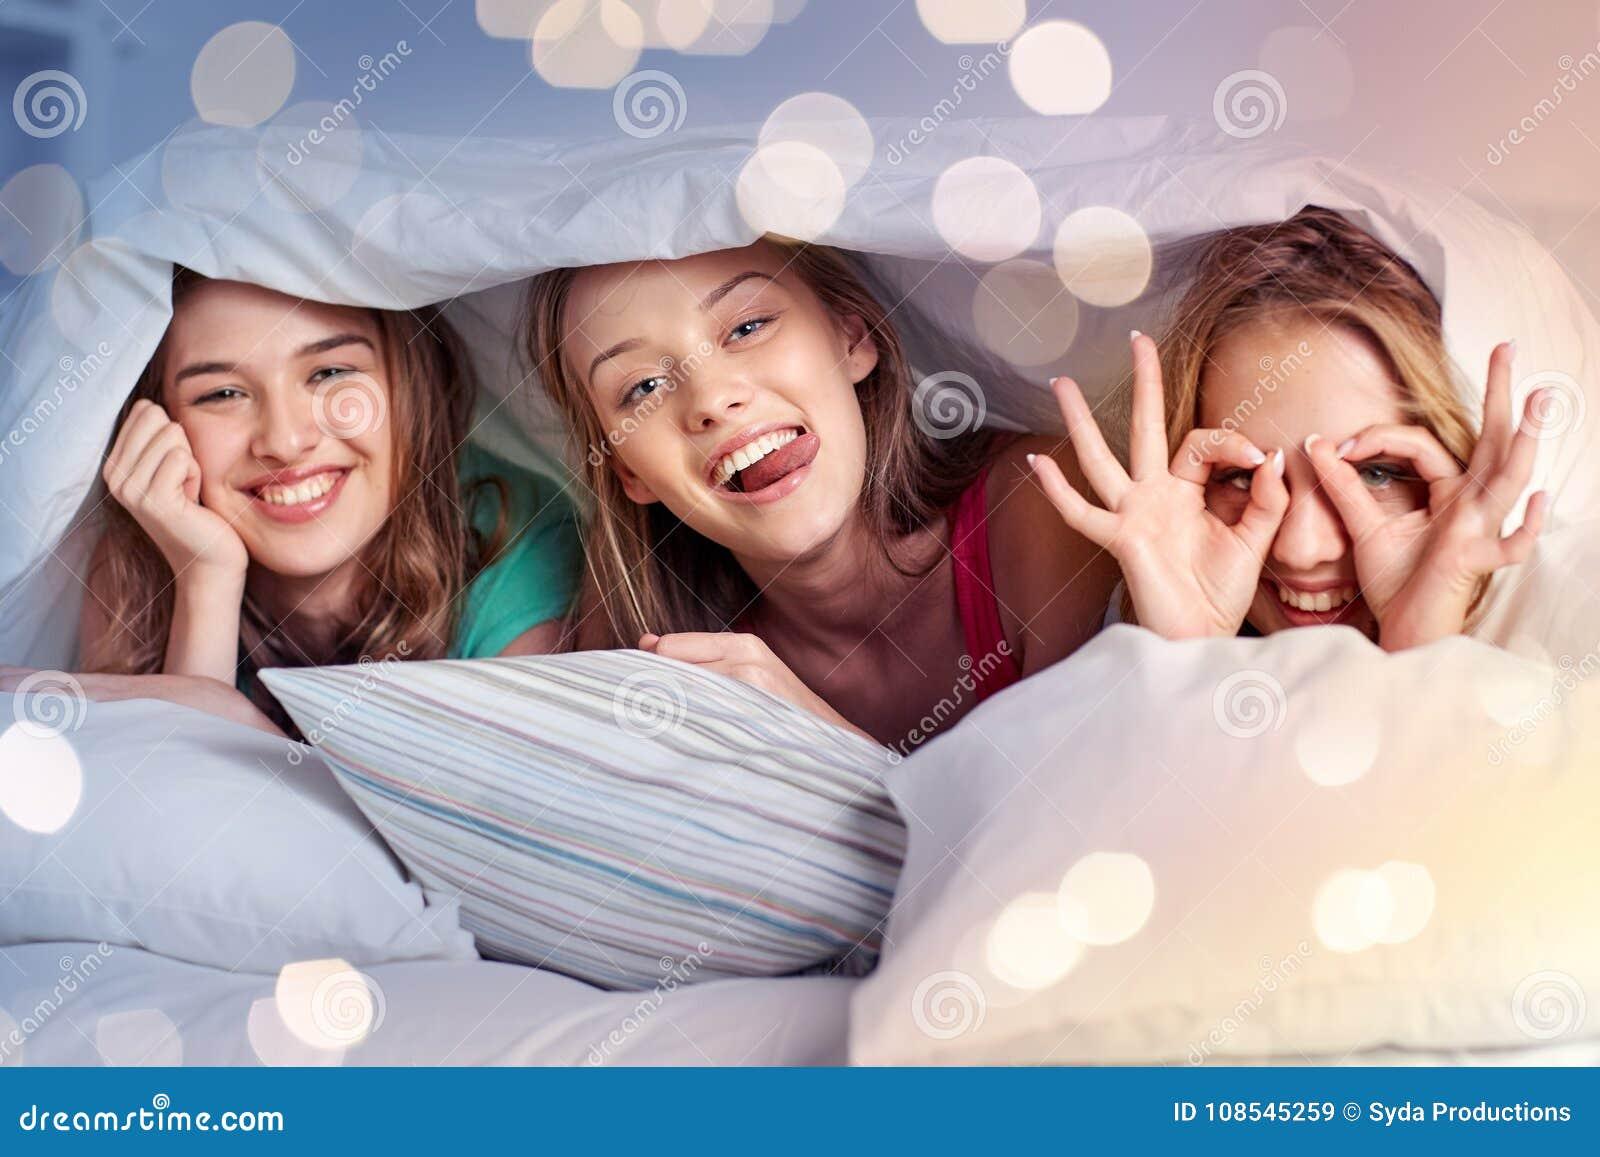 Szczęśliwe młode kobiety w łóżko piżamy przyjęciu w domu